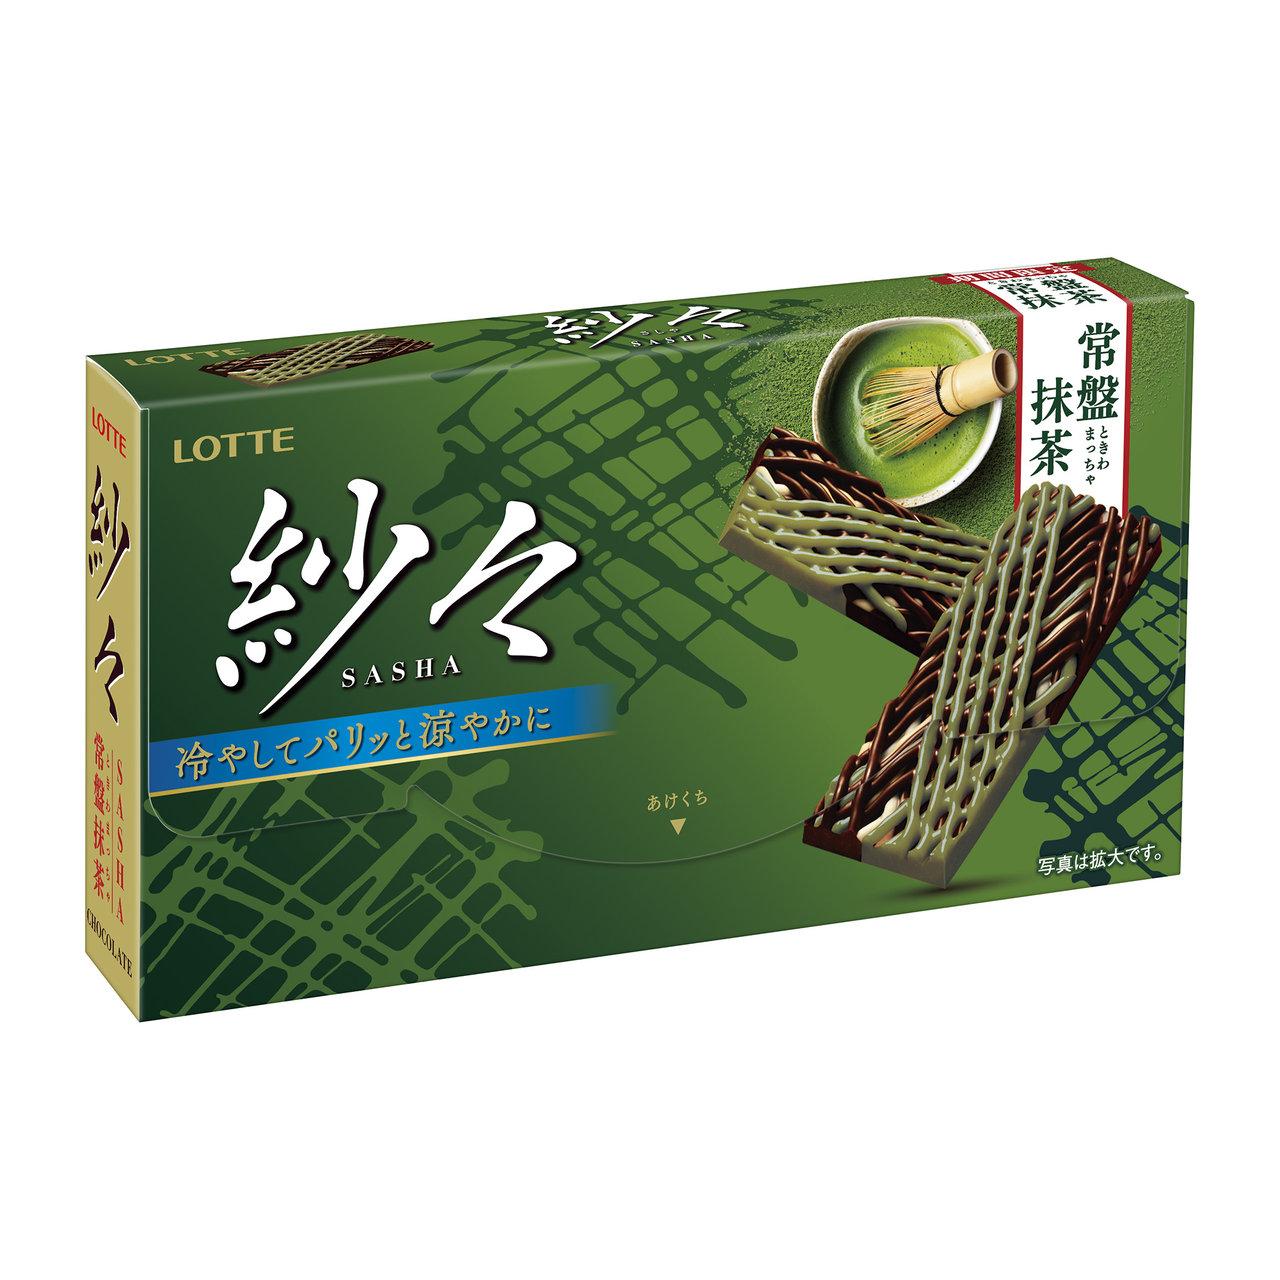 深く濃い抹茶の味わい。<常盤抹茶>登場!繊細な見た目とパリパリとした食感が特長のチョコレート『紗々』シリーズから「紗々<常盤抹茶>」を発売いたします。